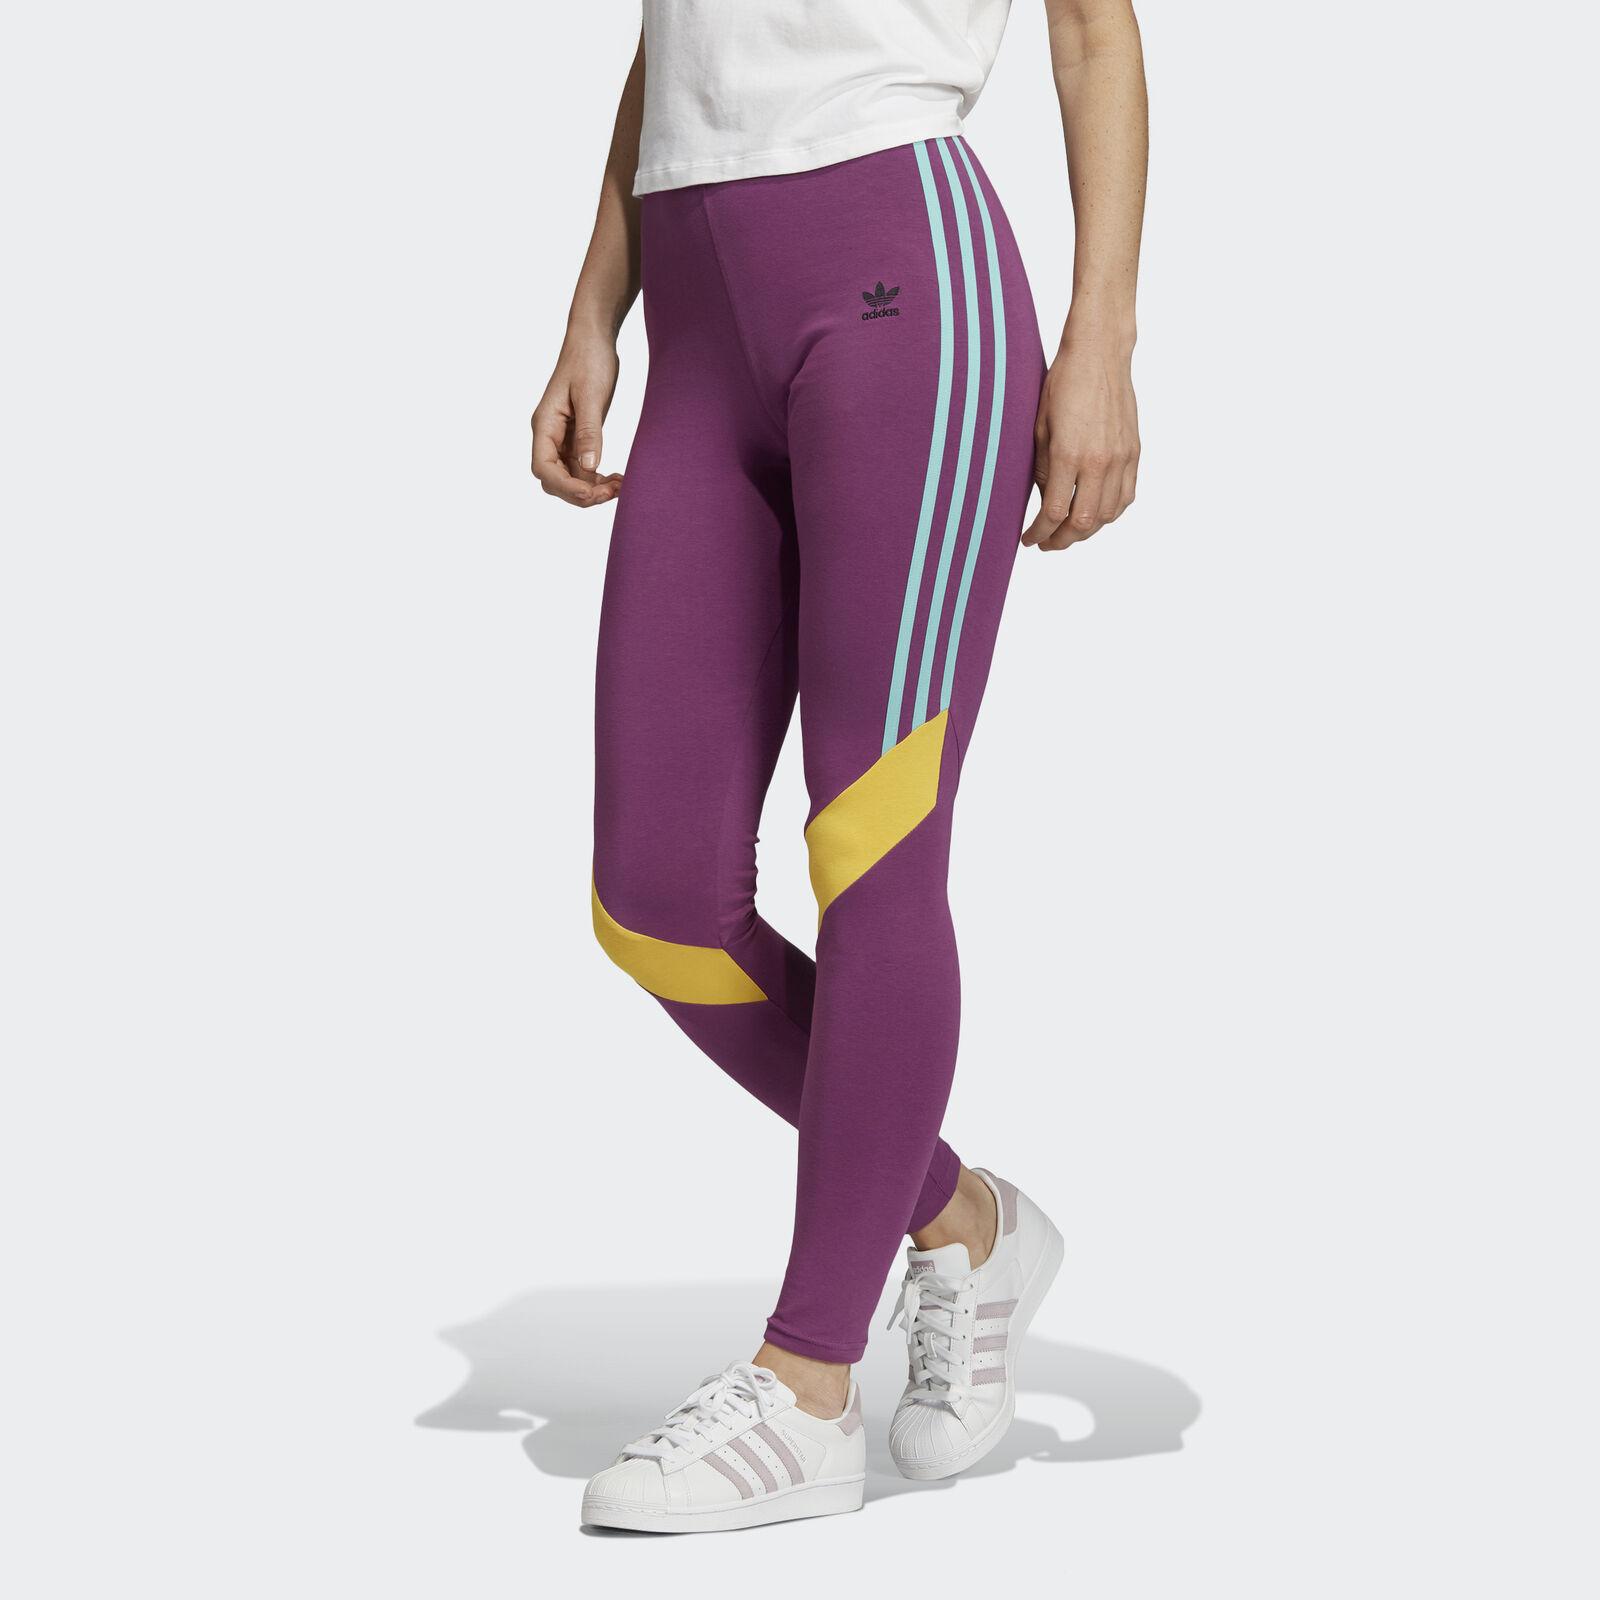 adidas legging ebay